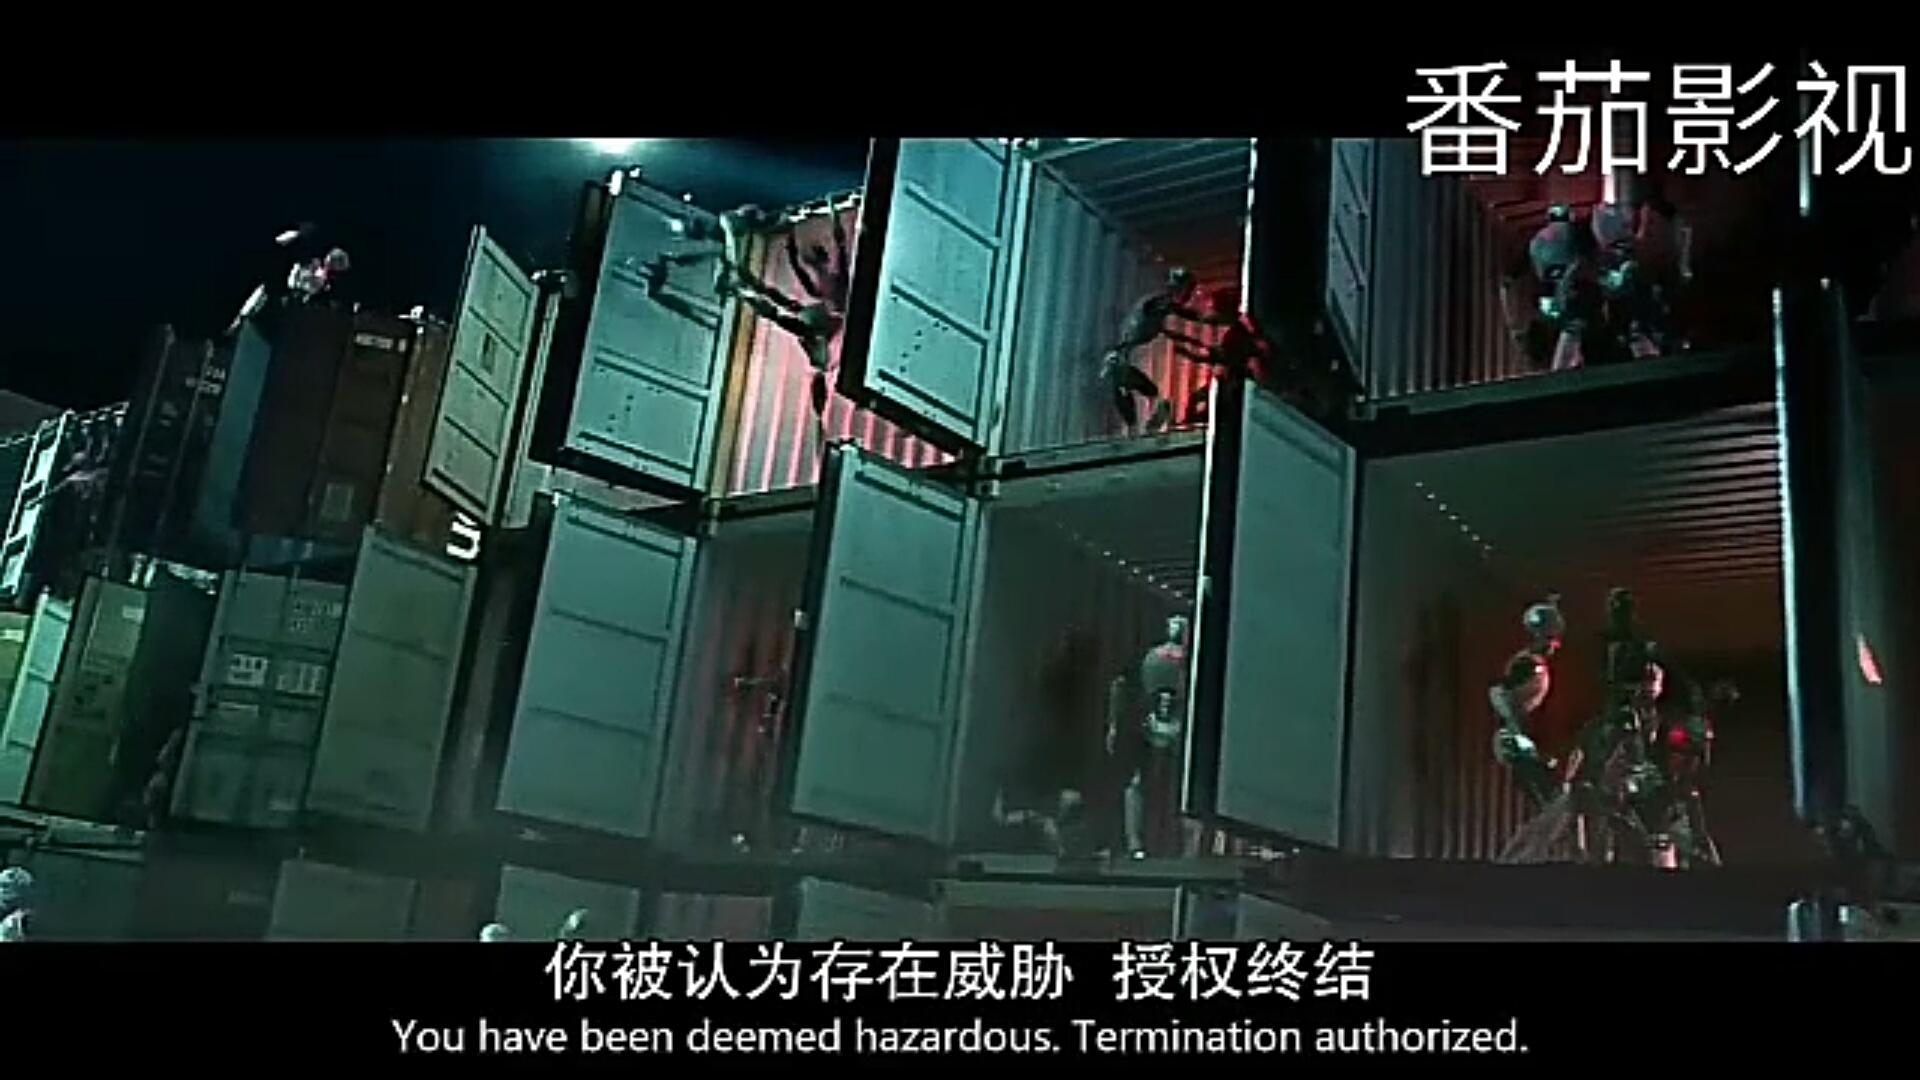 #经典看电影#先机器人摧毁老版机器人,因为老版机器人会保护人类!